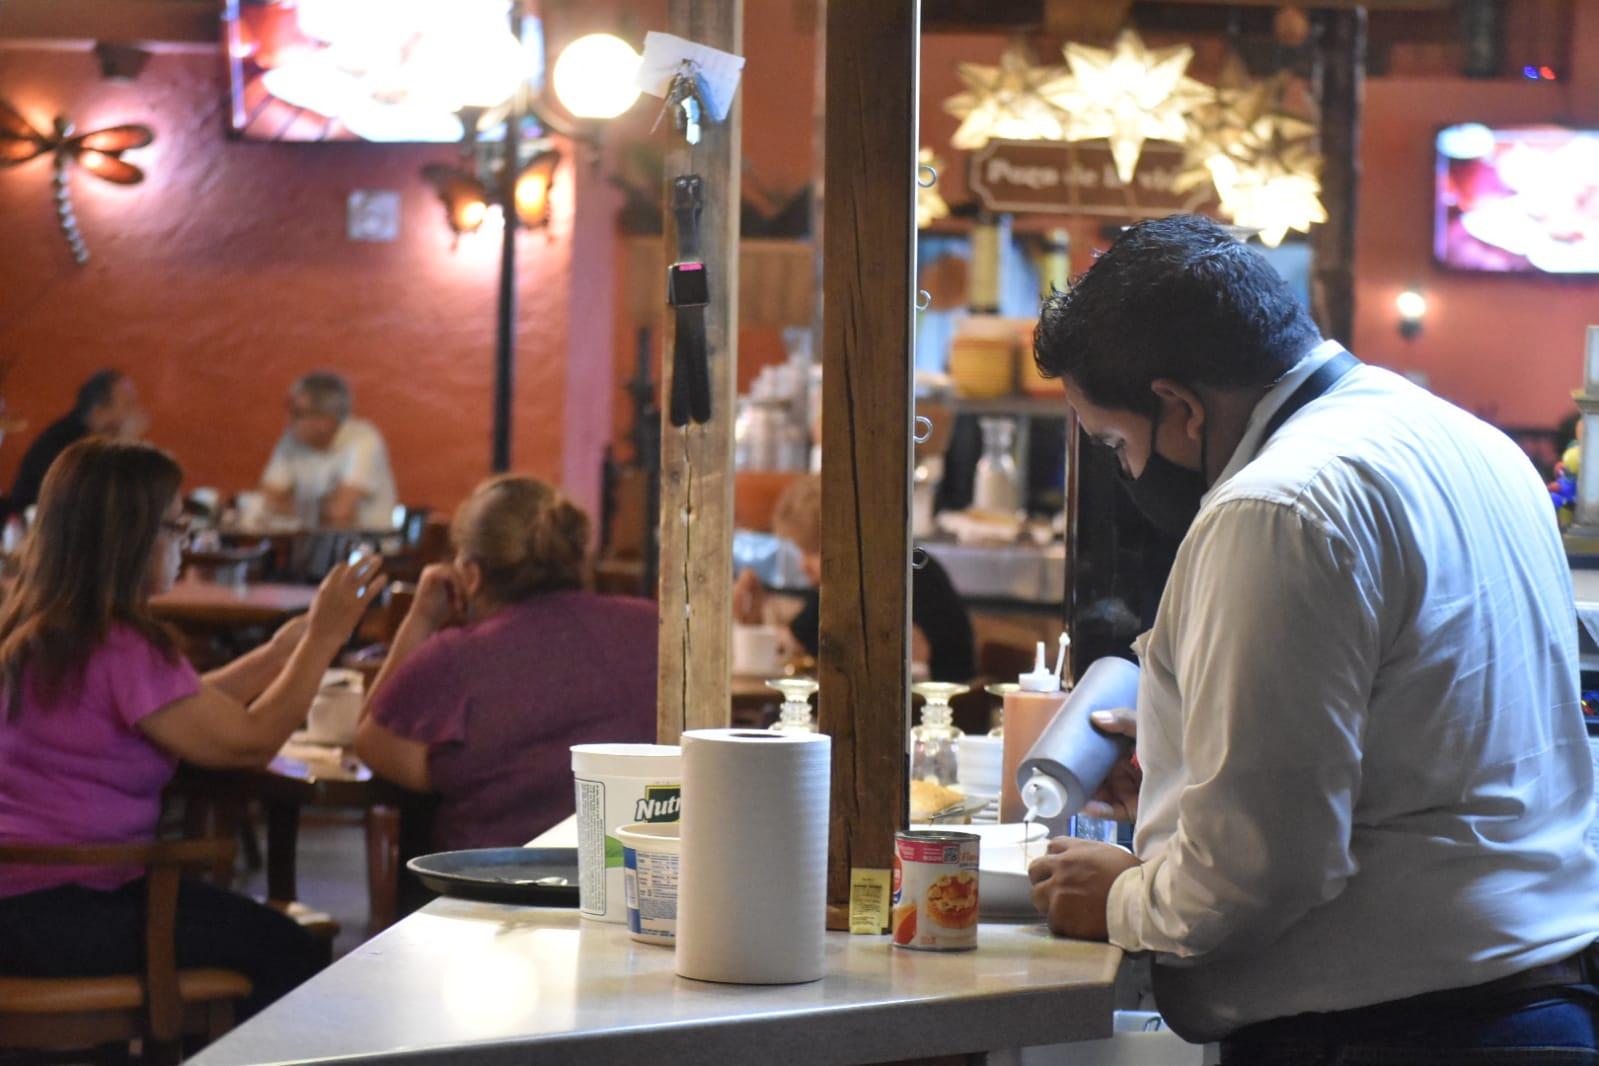 Restauranteros de Monclova no exigen certificado de vacunación antiCOVID-19